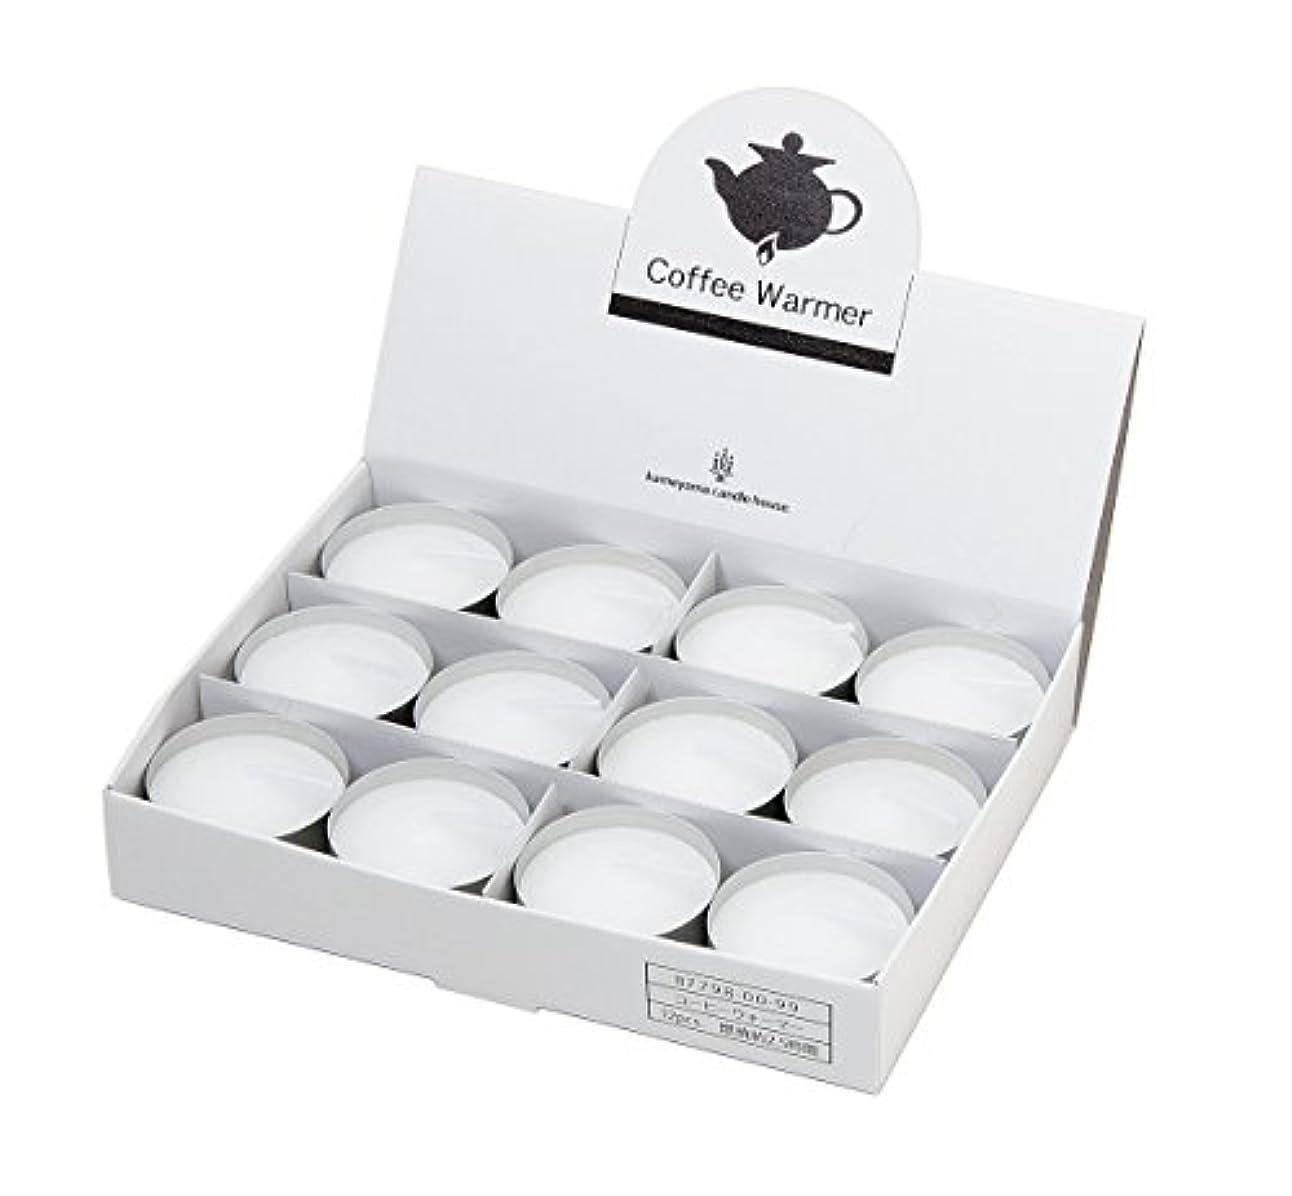 強風公既婚カメヤマキャンドルハウス チョコレートフォンデュなどにもおすすめ 大きめ炎で保温できる コーヒーウォーマーキャンドル(1箱12個入) 燃焼時間約2時間30分